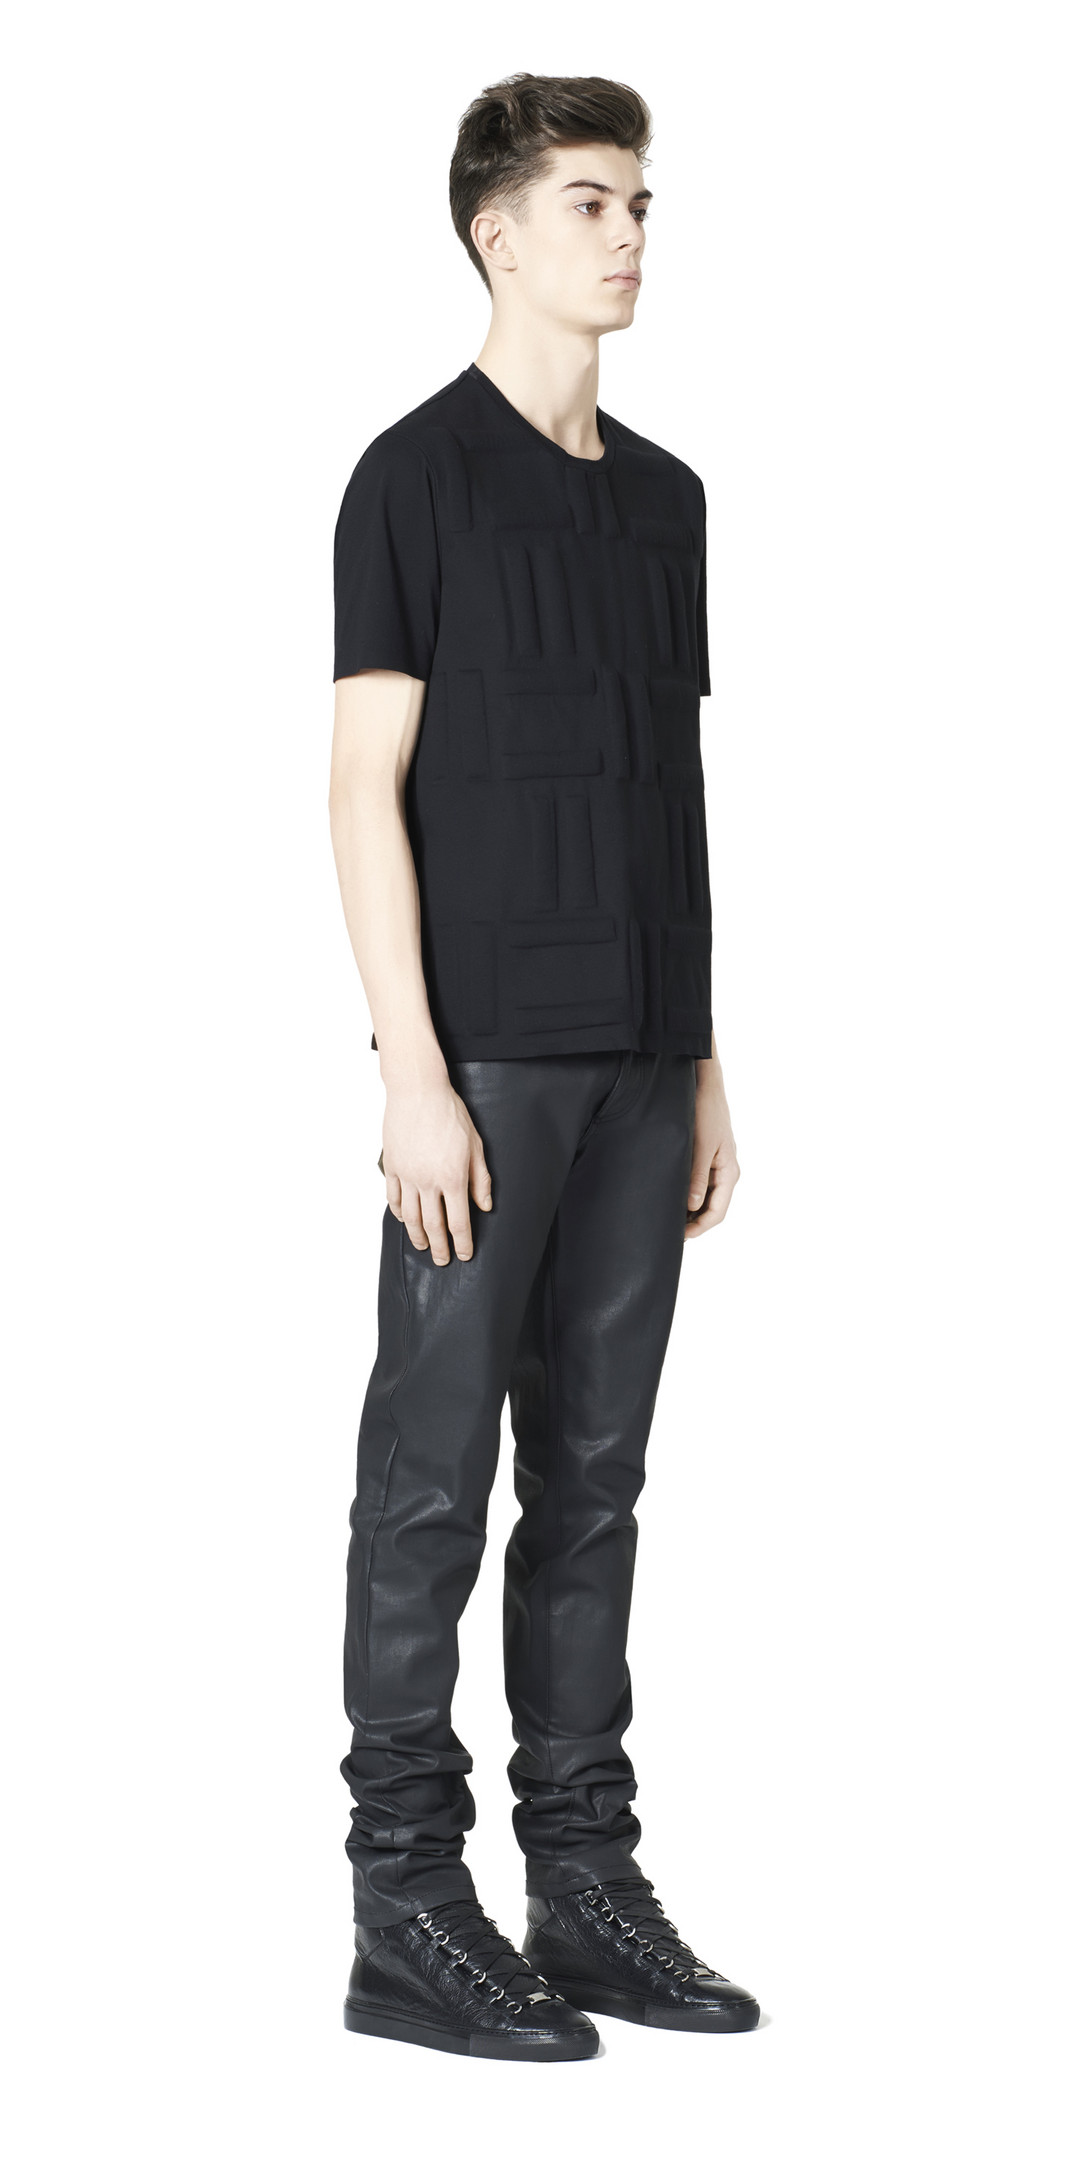 BALENCIAGA Balenciaga Padded Fleece Tee-Shirt Top U f